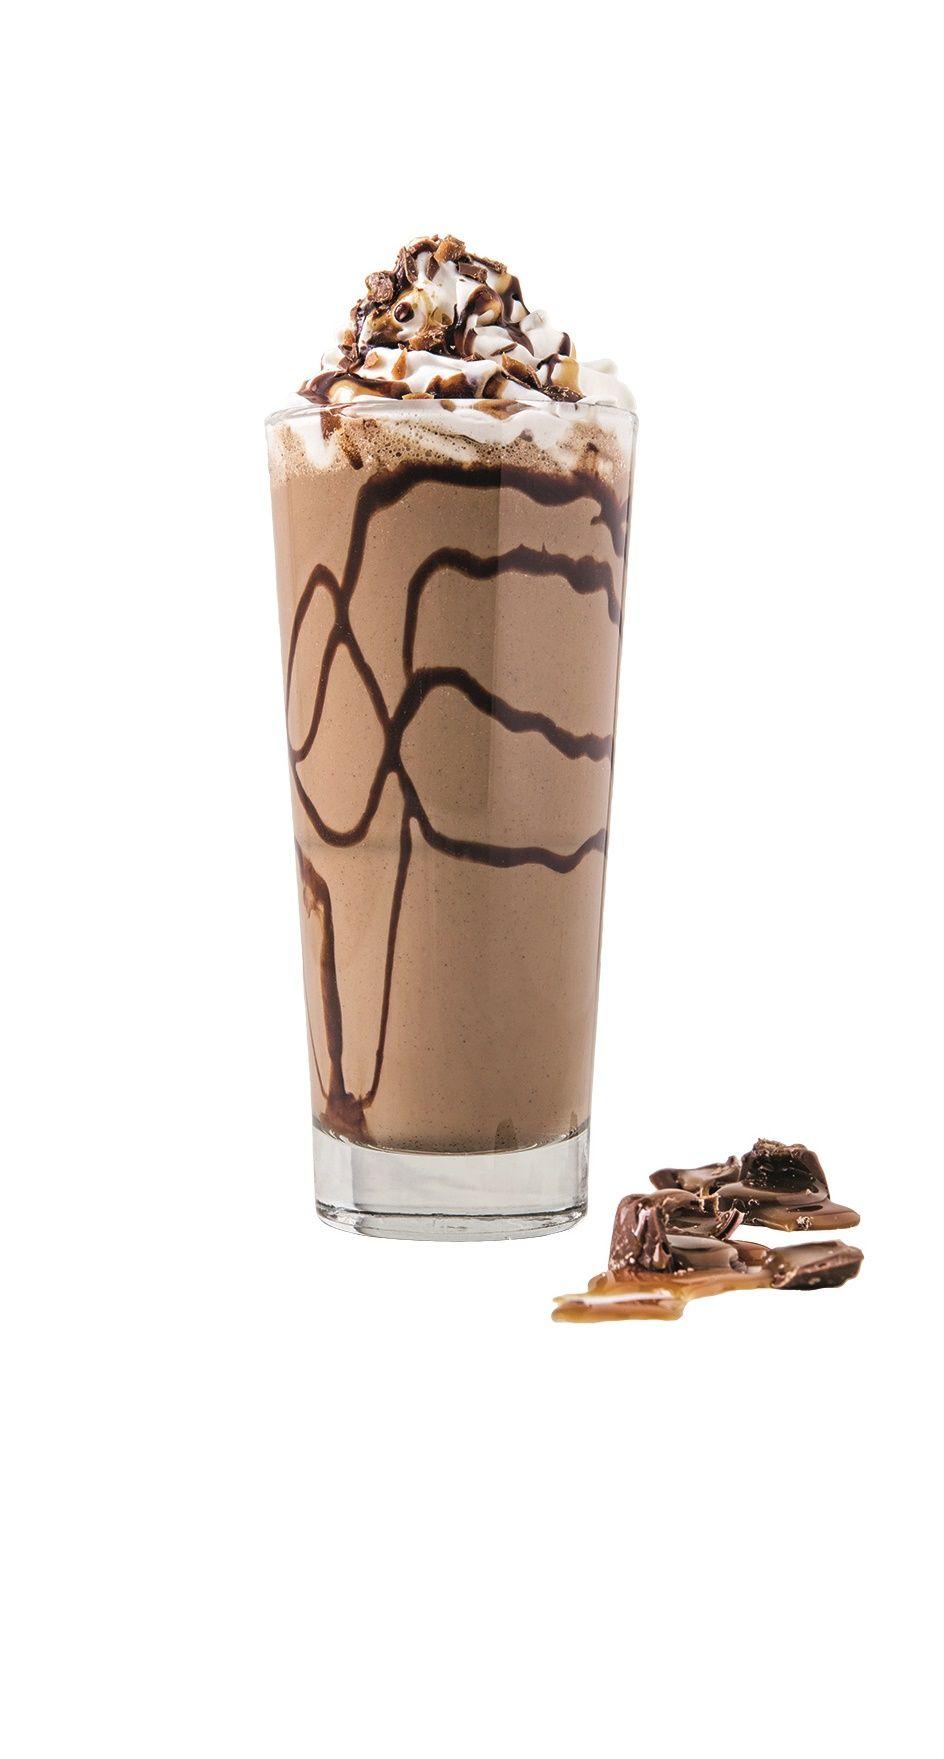 Caramel Ice Latte kermavaahdolla, 3,50 €. Espresso, caramelkastiketta, jäitä, maitoa, kermavaahtoa. Norm. 5,10 €. Robert's coffee, Sähkötalo 1. KRS